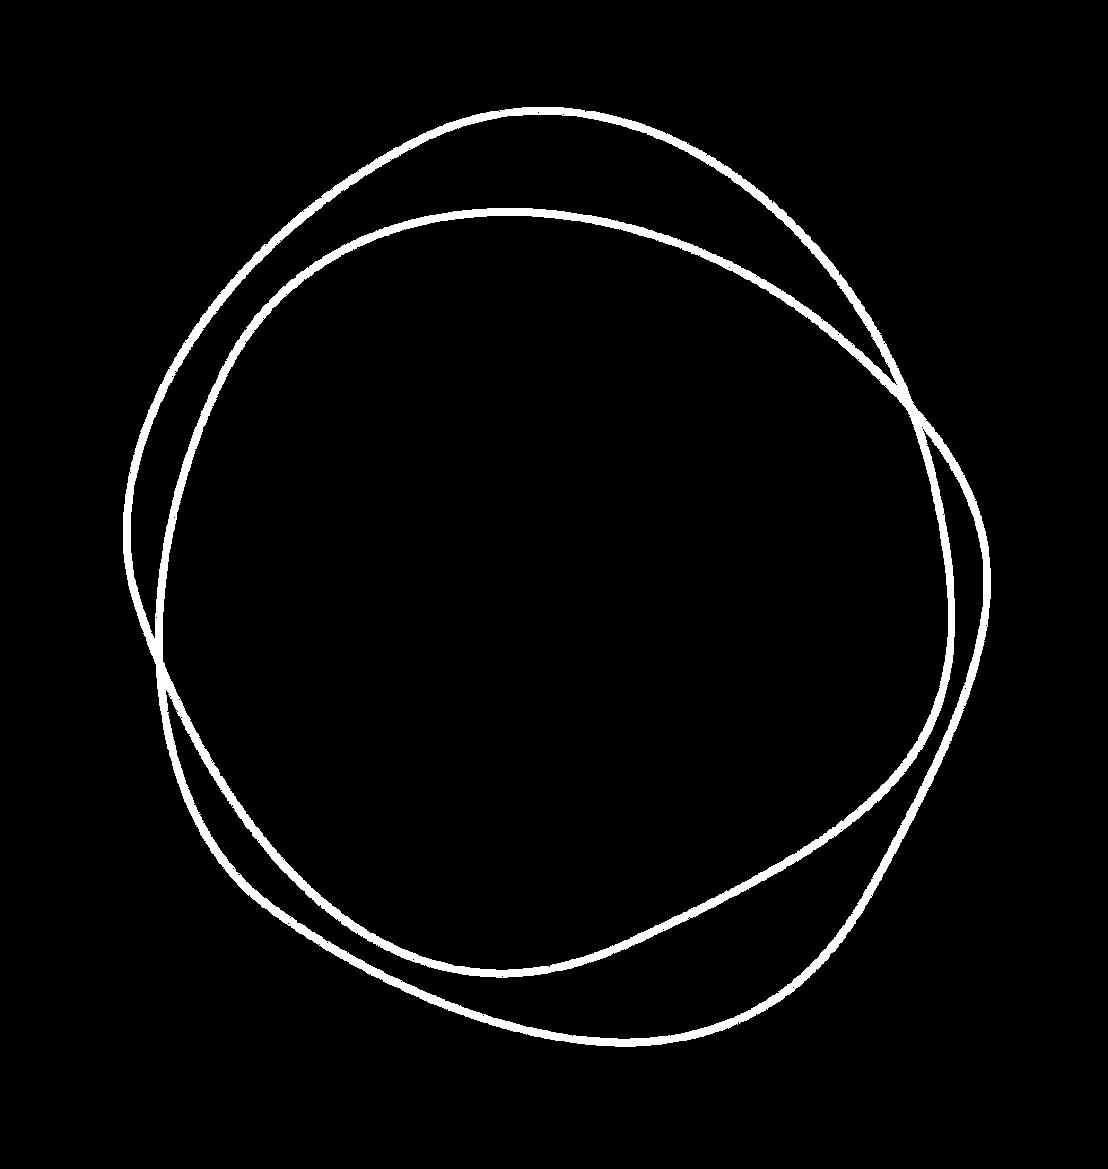 Kreis weiss.png